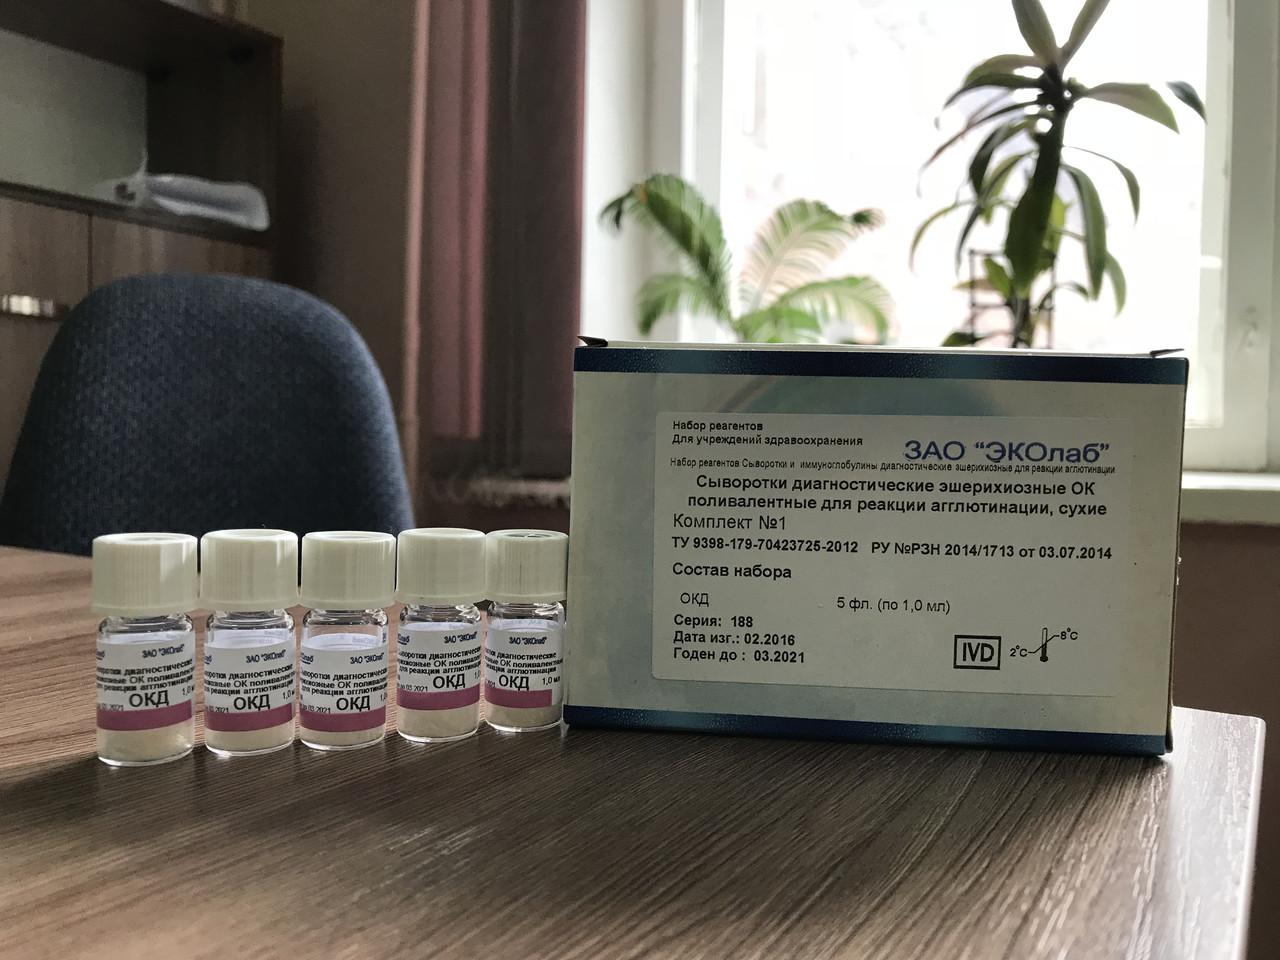 Сыворотки и иммуноглобулины диагностические эшерихиозные для реакции агглютинации - фото 1